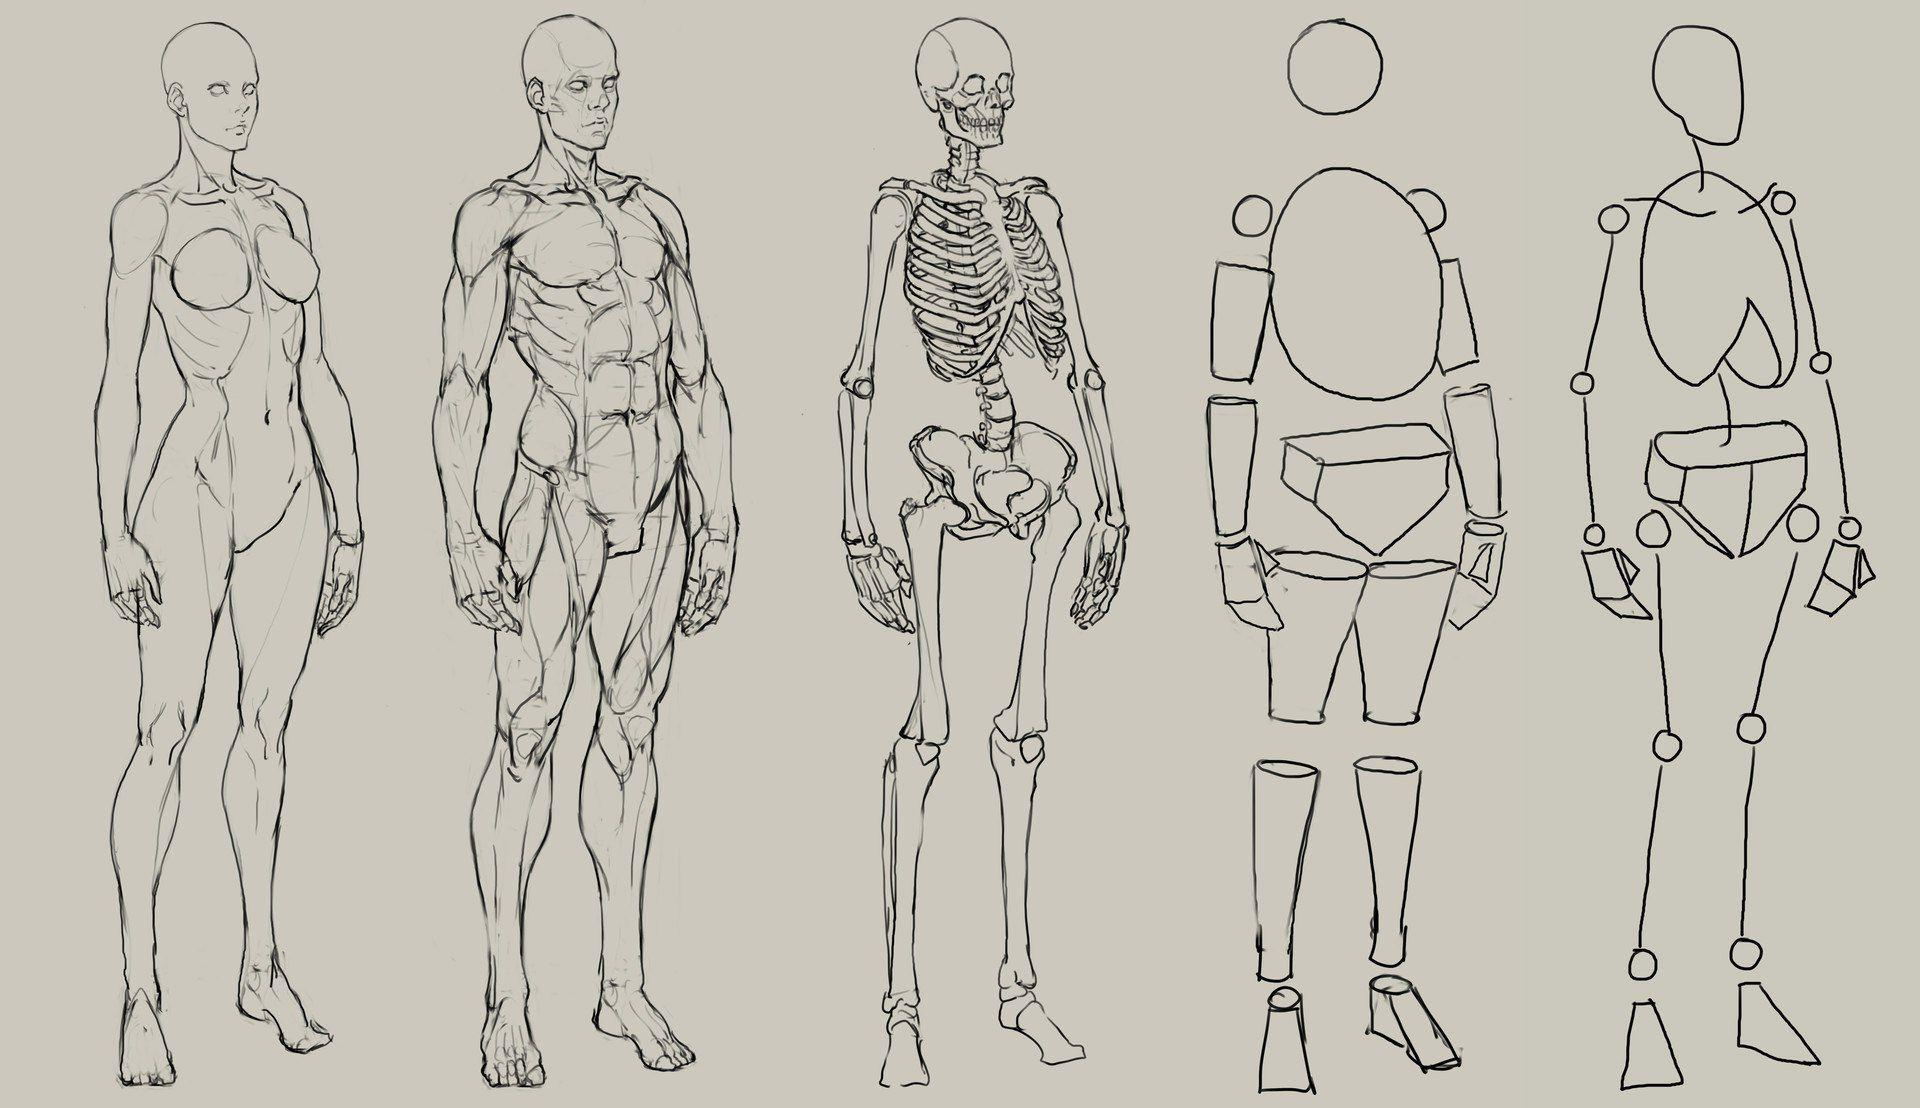 анатомия человека картинки рисование фотографии распространяются